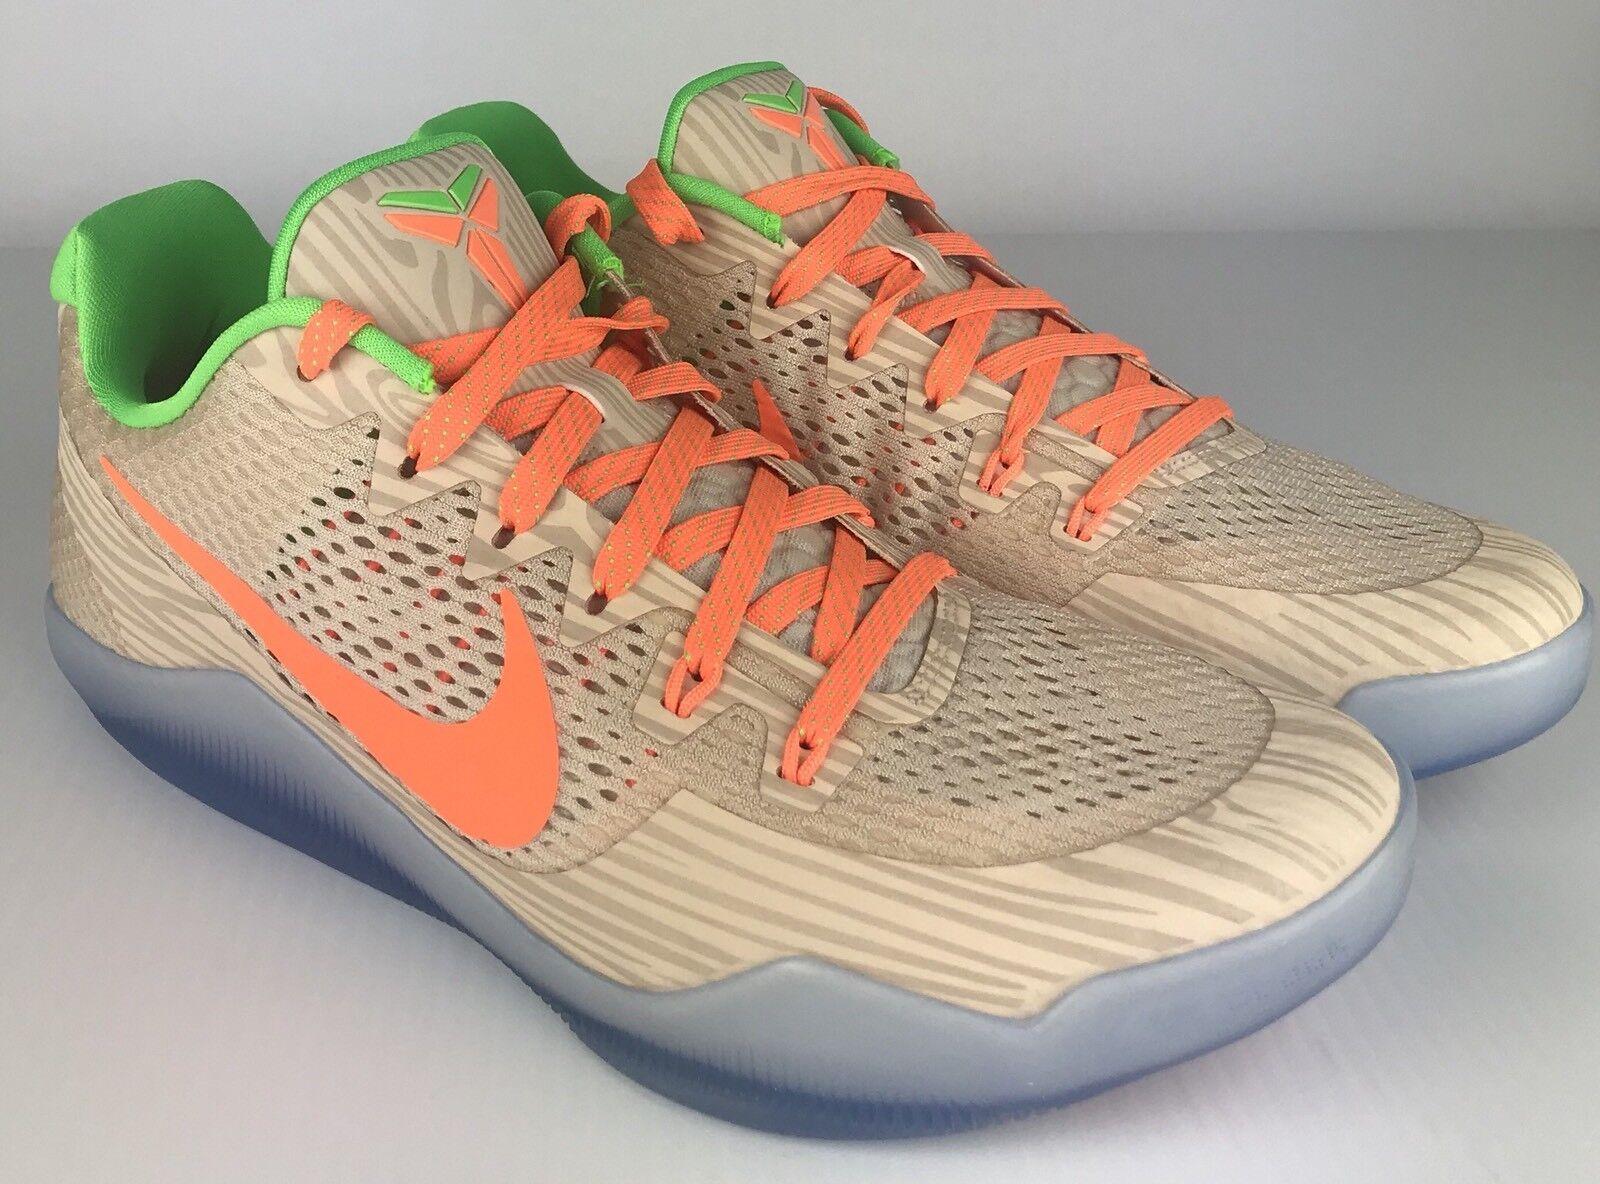 Nike Kobe XI Peach Jam Promo 'Peach Jam' - 856852-282 Goat - SZ 12.5 - Goat 856852-282 Shoe 2a8672